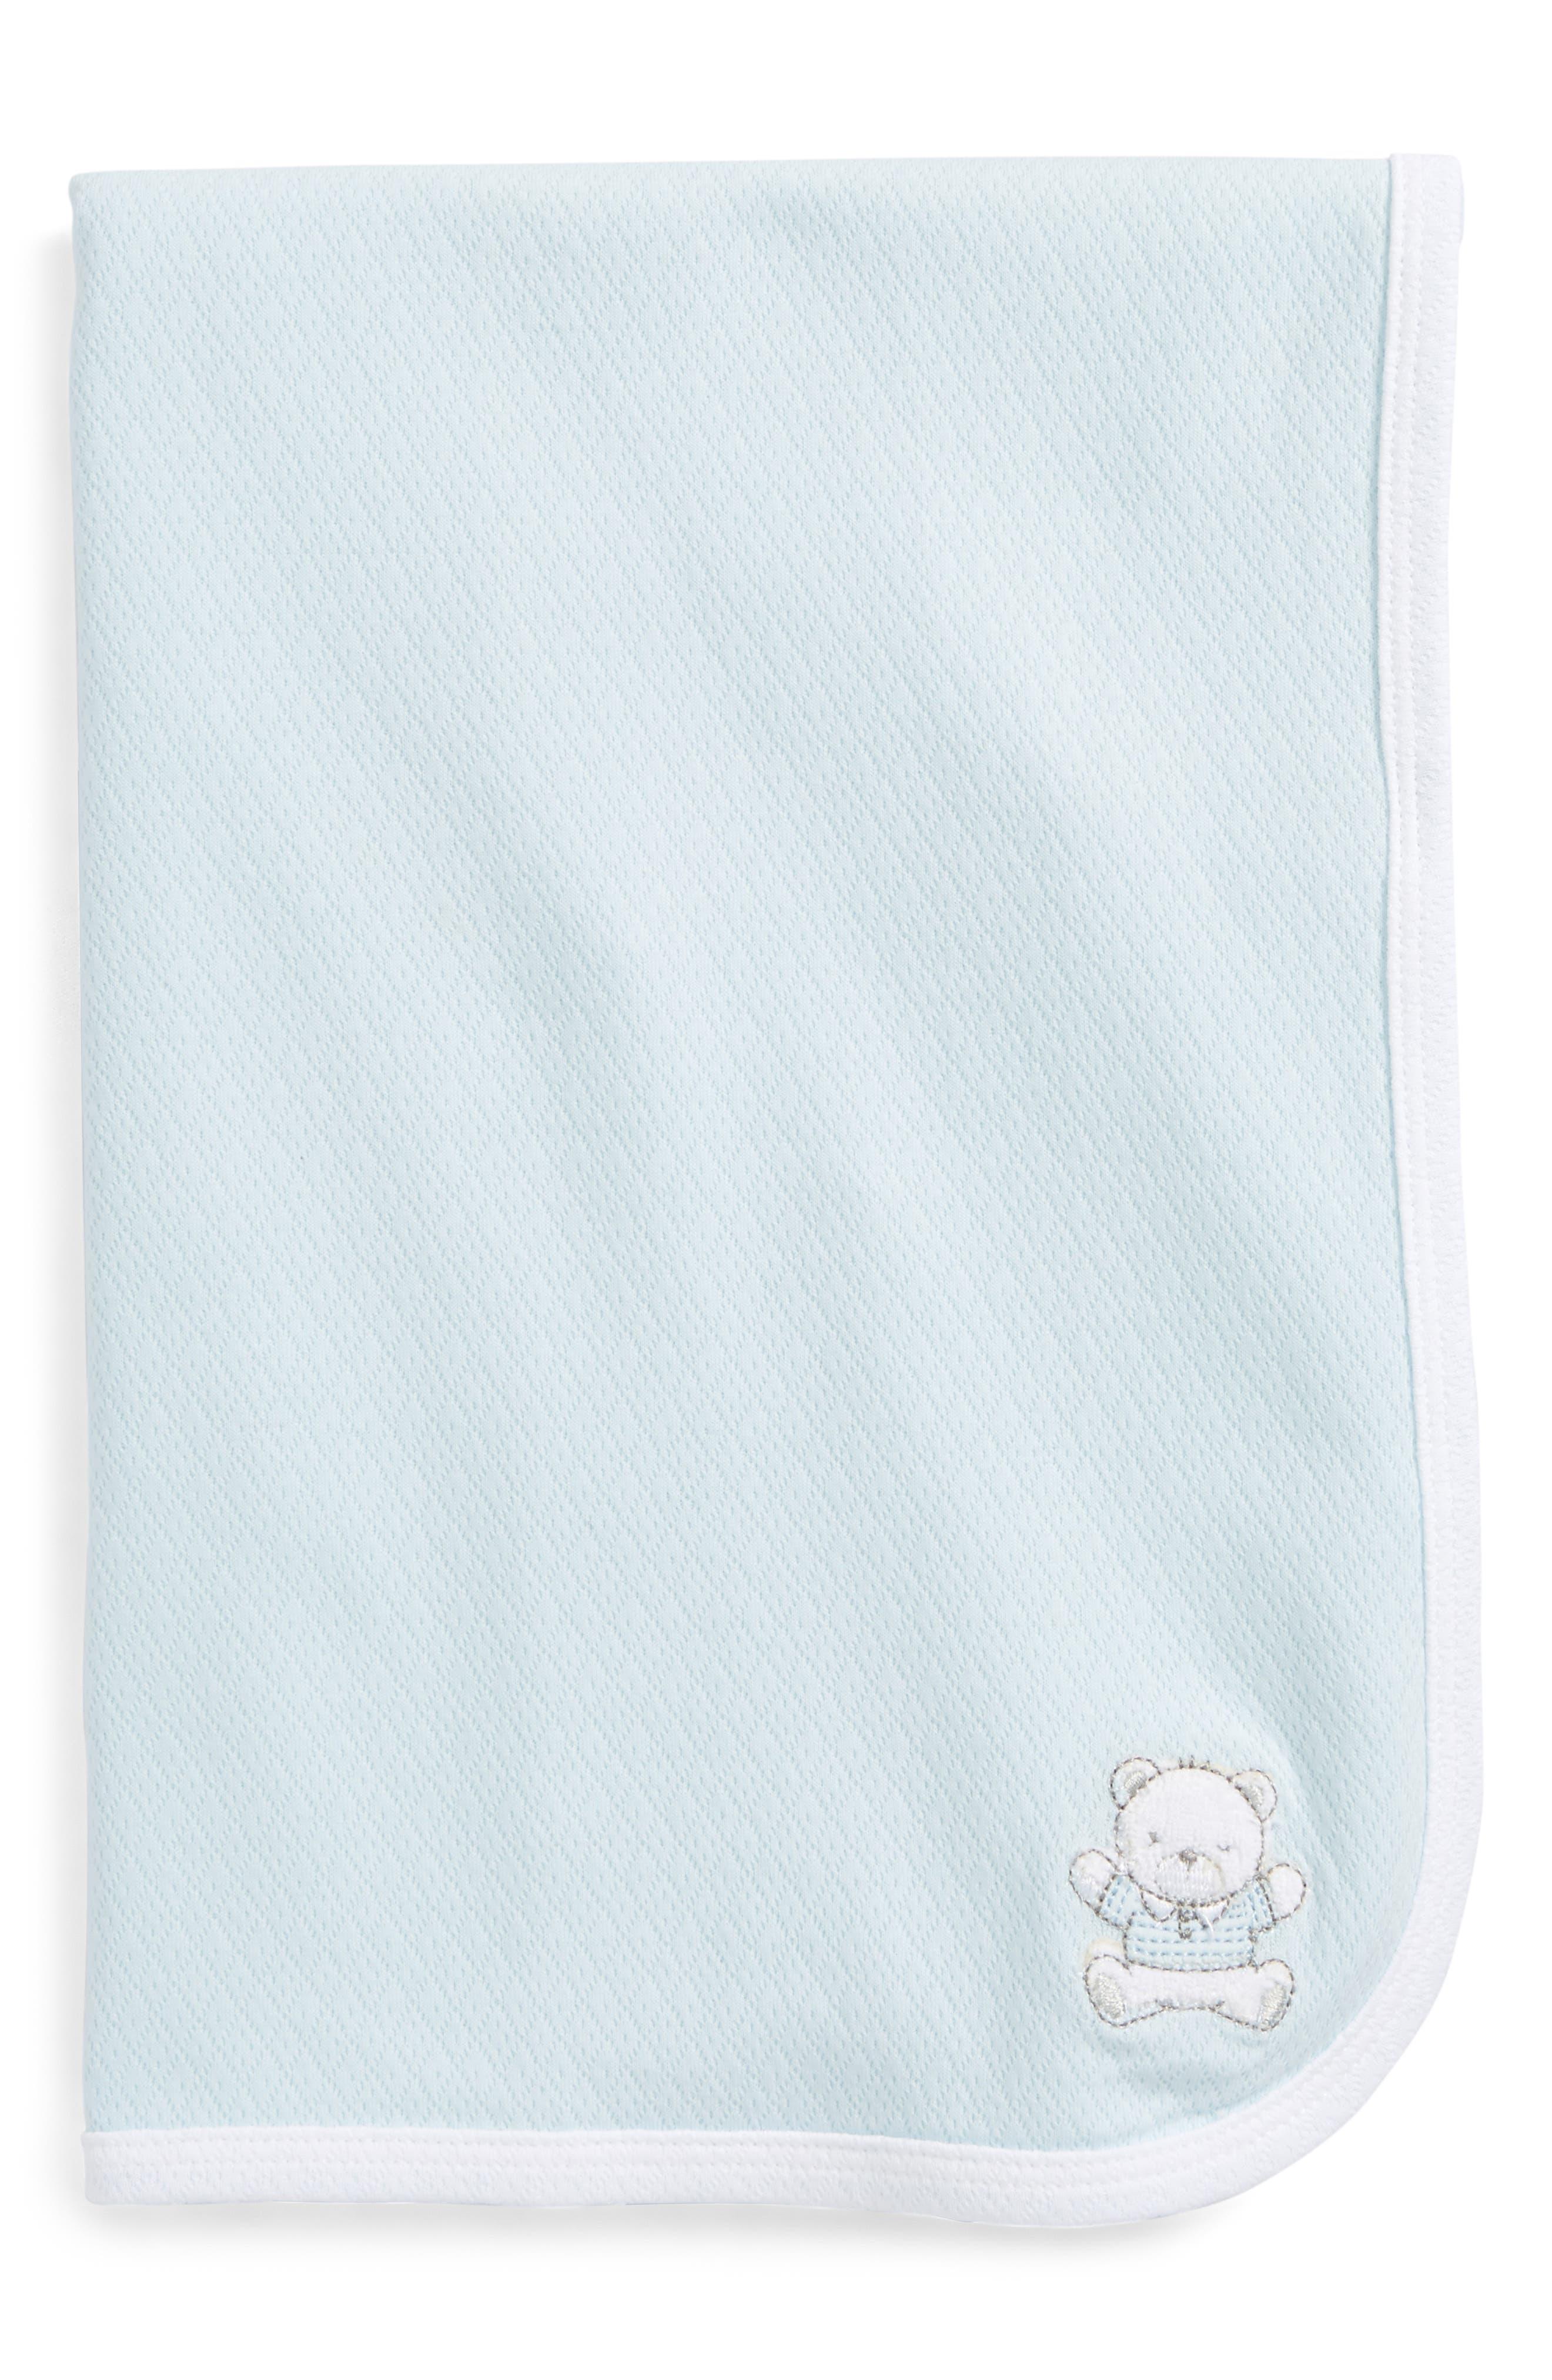 Little Me Bear Receiving Blanket (Baby) (Nordstrom Exclusive)